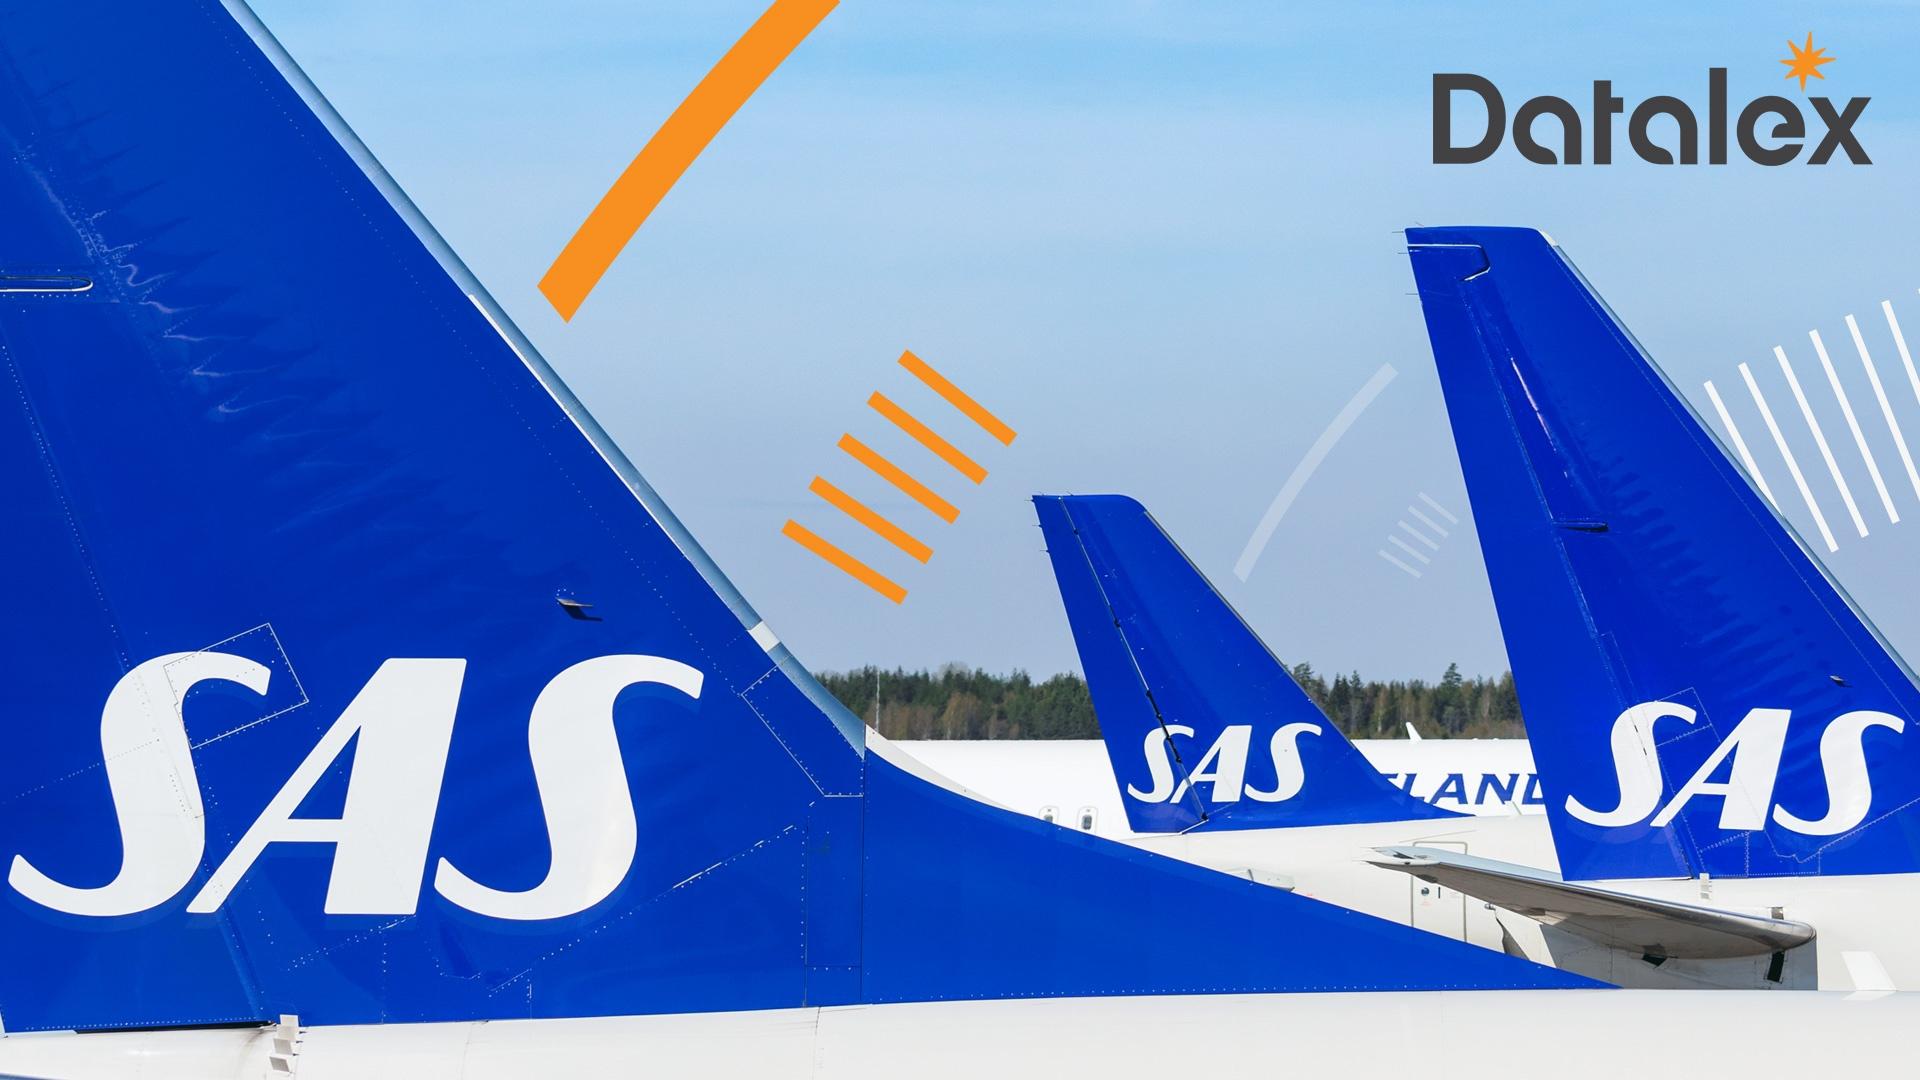 Datalex与北欧航空达成长期数字化零售转型合作